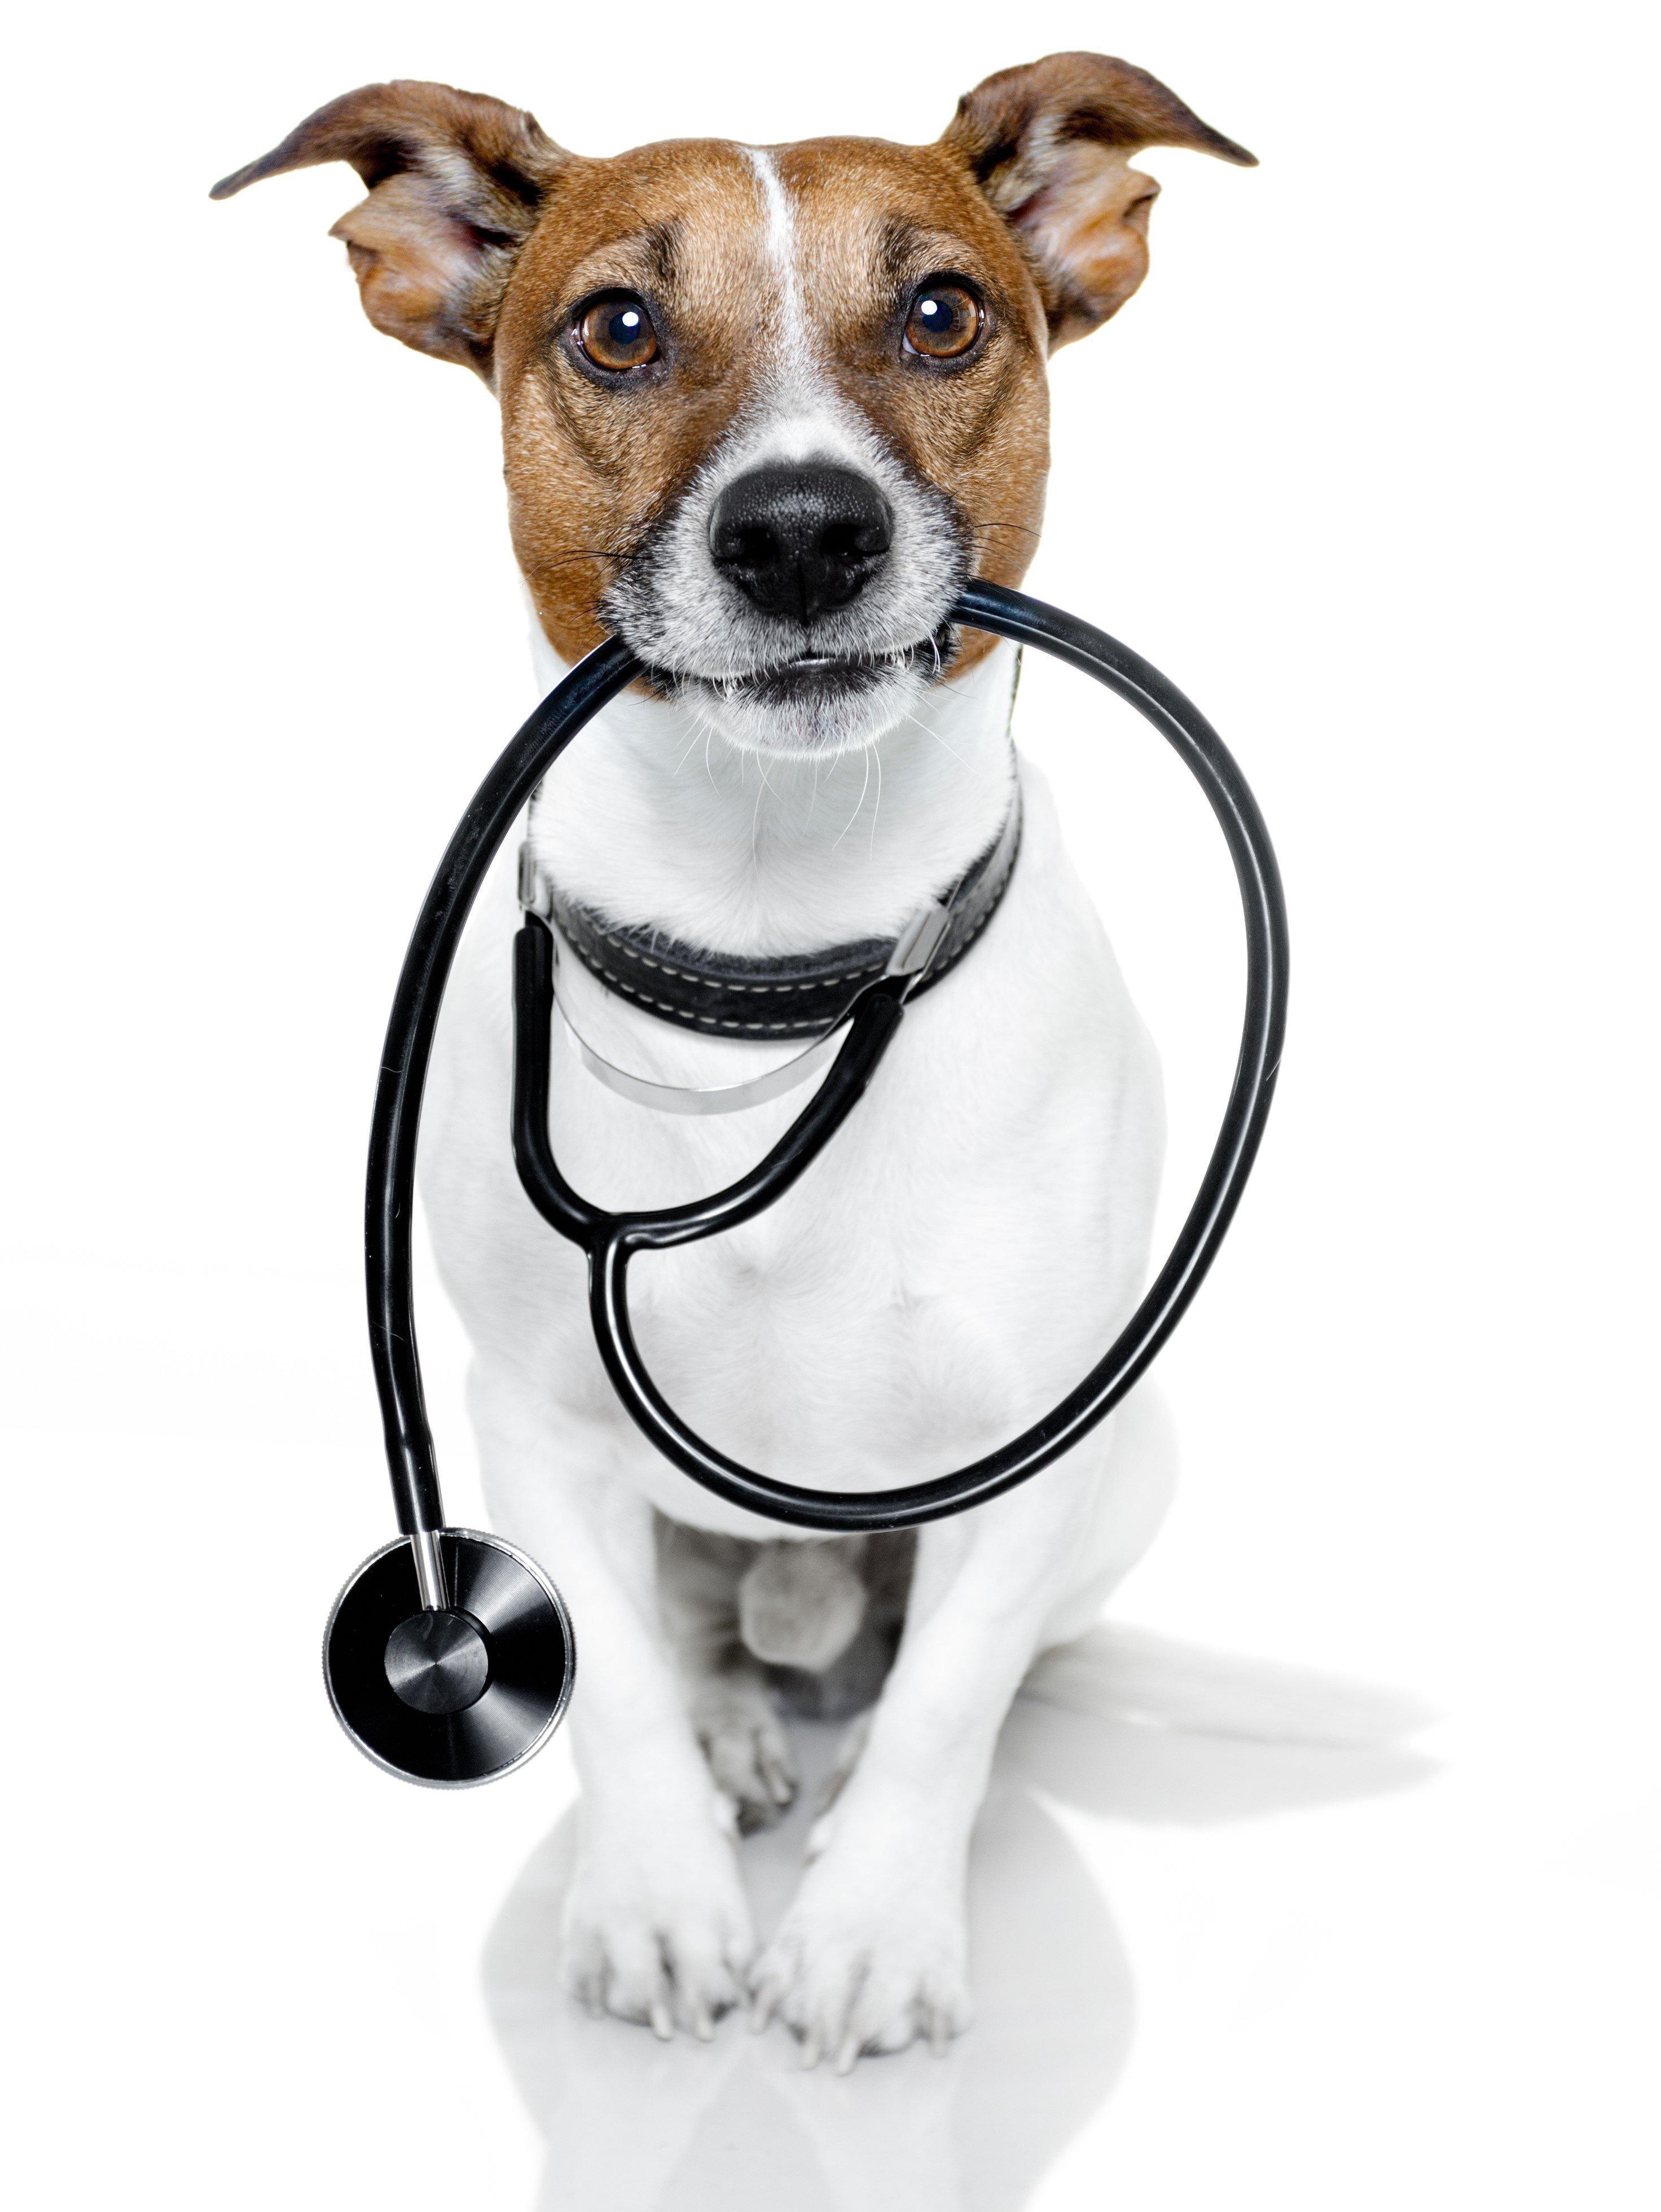 PetCity veterinārajā klīnikā iespēja veikt pilnu mīluļa veselības pārbaudi!